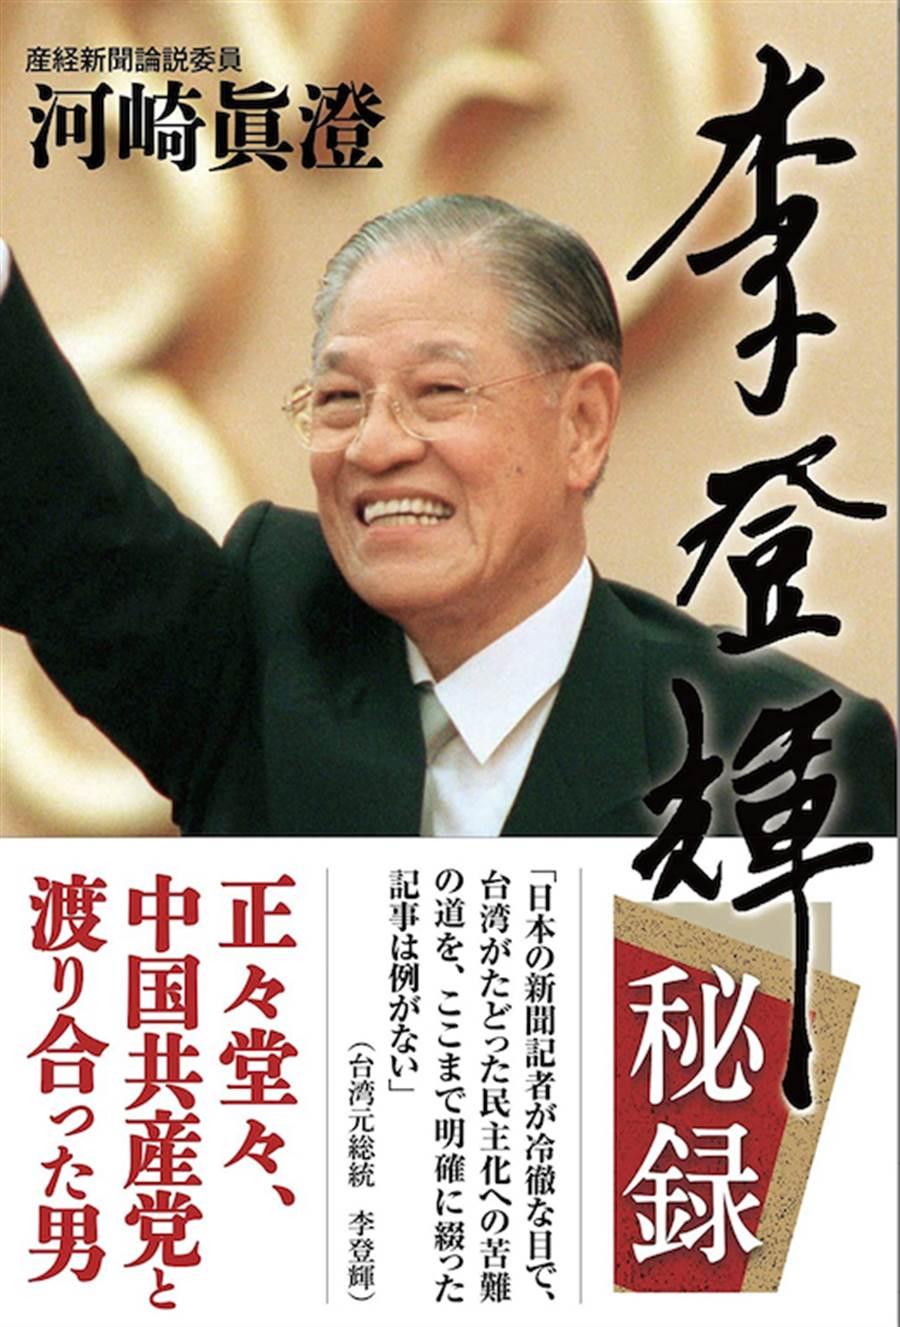 《產經新聞》前台北支局長河崎真澄著的《李登輝秘錄》最近才在日本出版。(翻攝自《李登輝秘錄》封面)